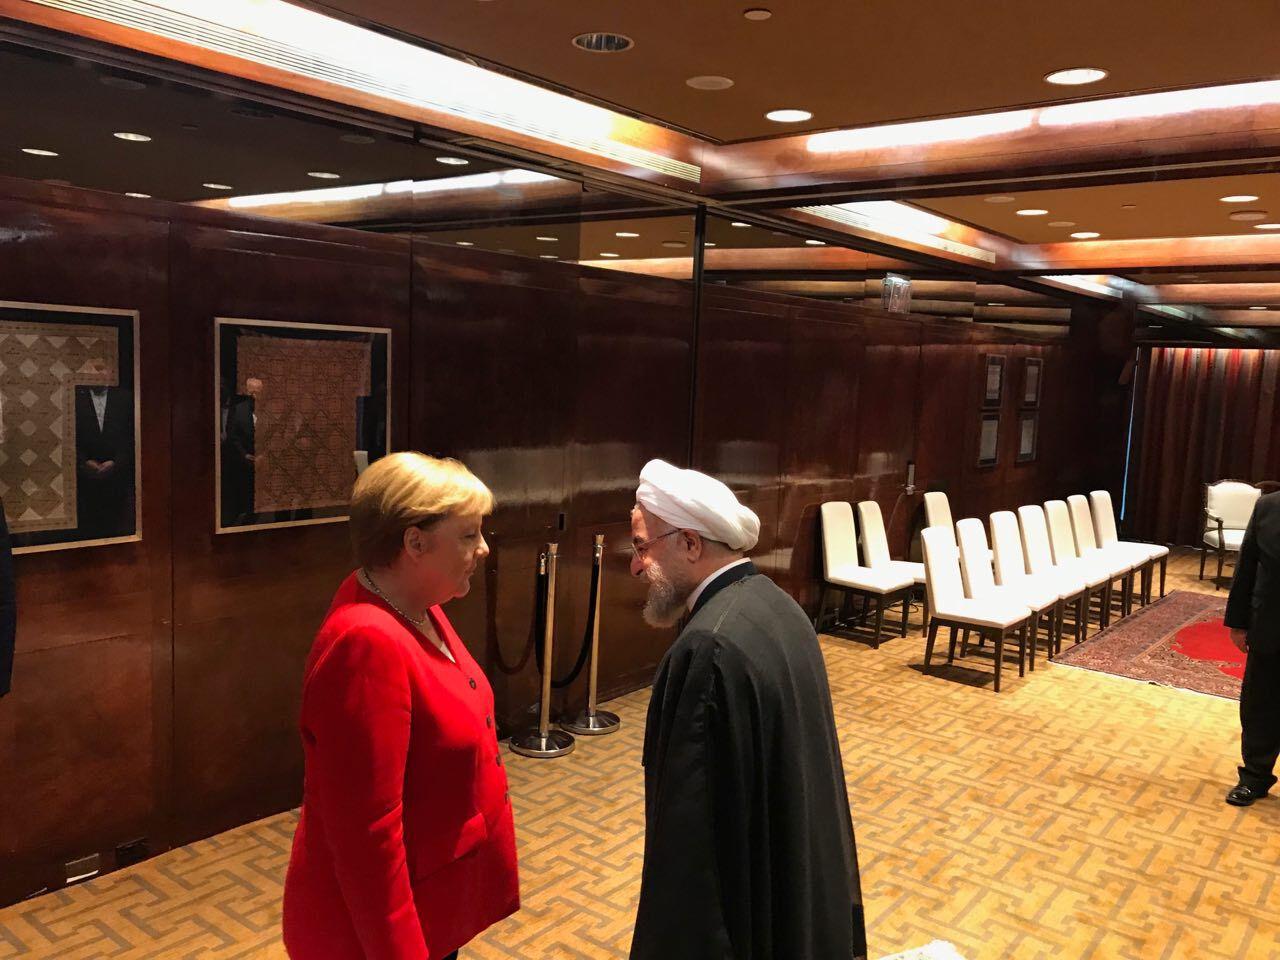 نخستین دیدار صدر اعظم آلمان با رئیس جمهوری اسلامی ایران